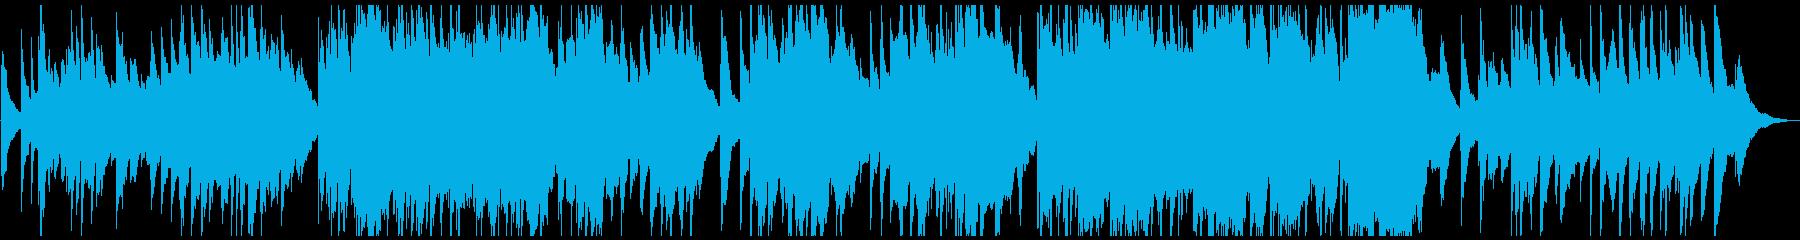 サラサラ ジャズ ティーン 代替案...の再生済みの波形